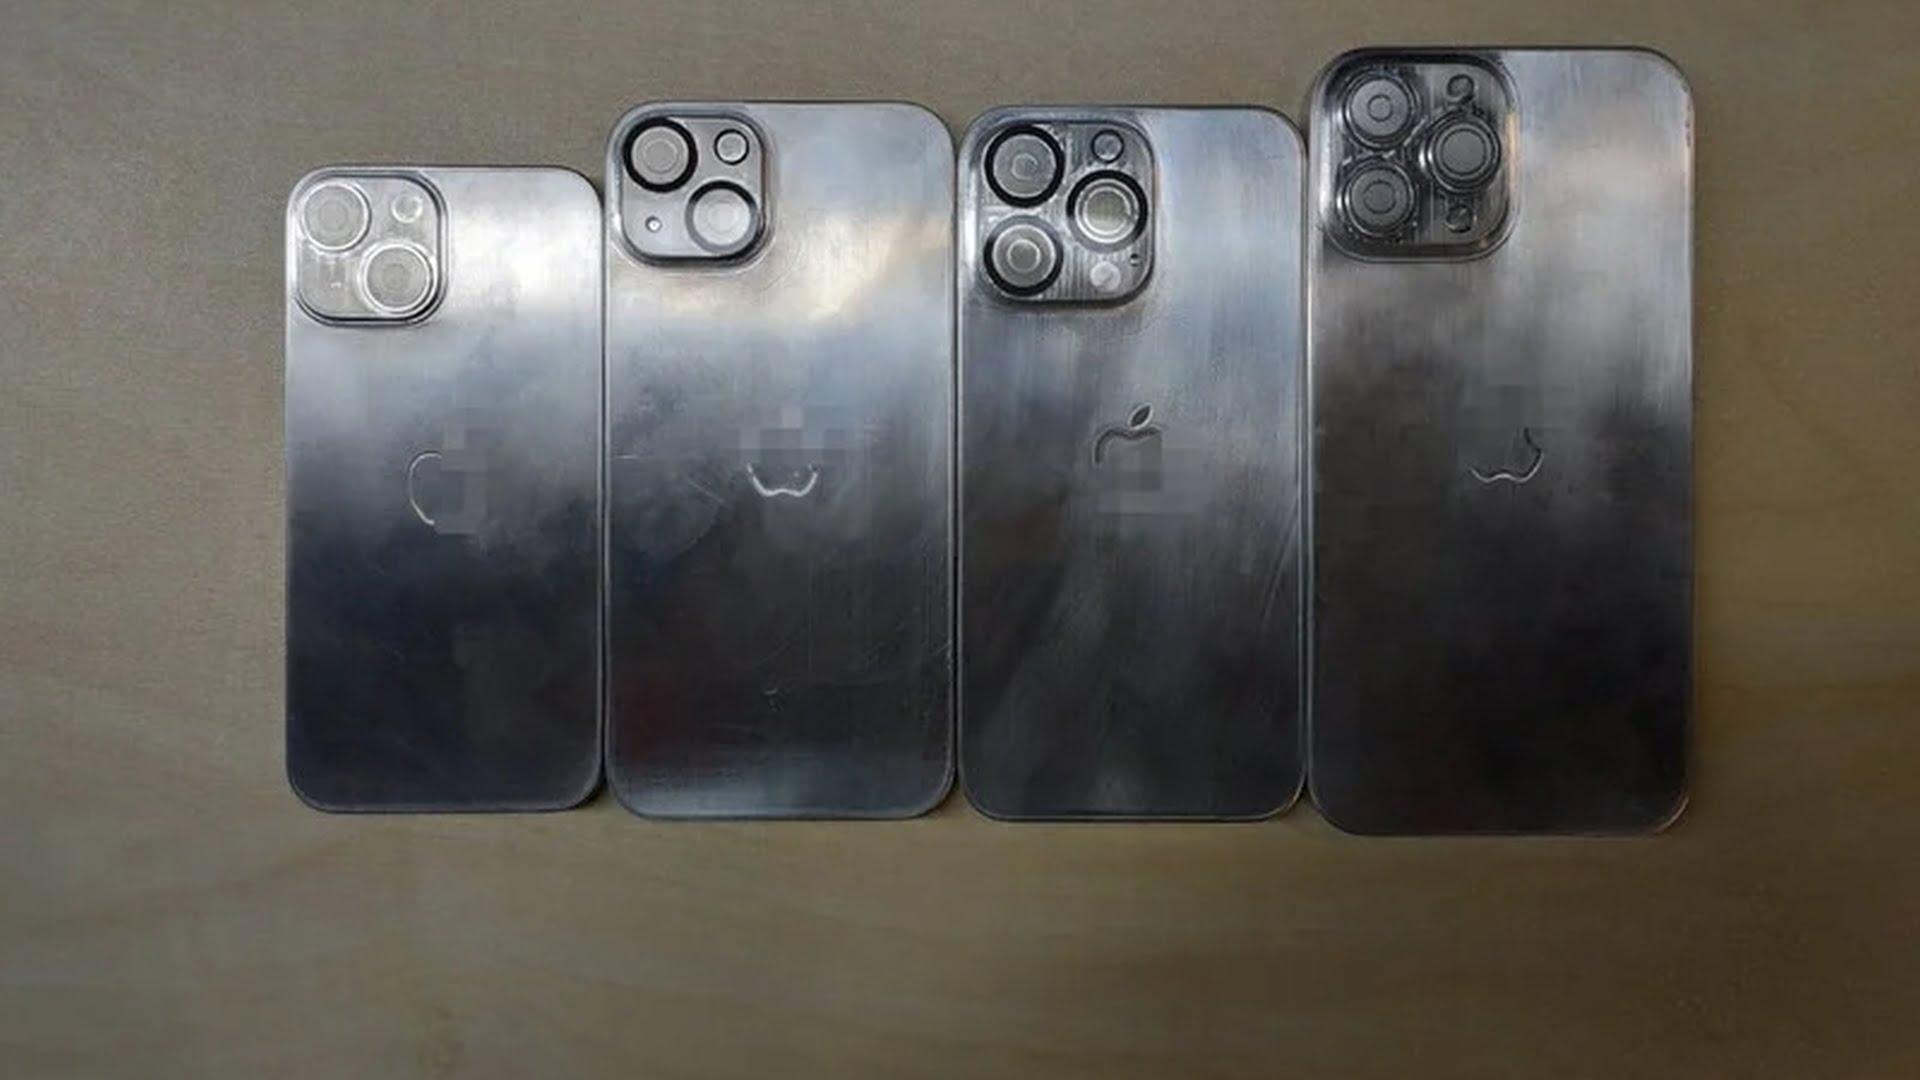 Następne zdjęcia przedstawiające makiety iPhone'ów z serii 13